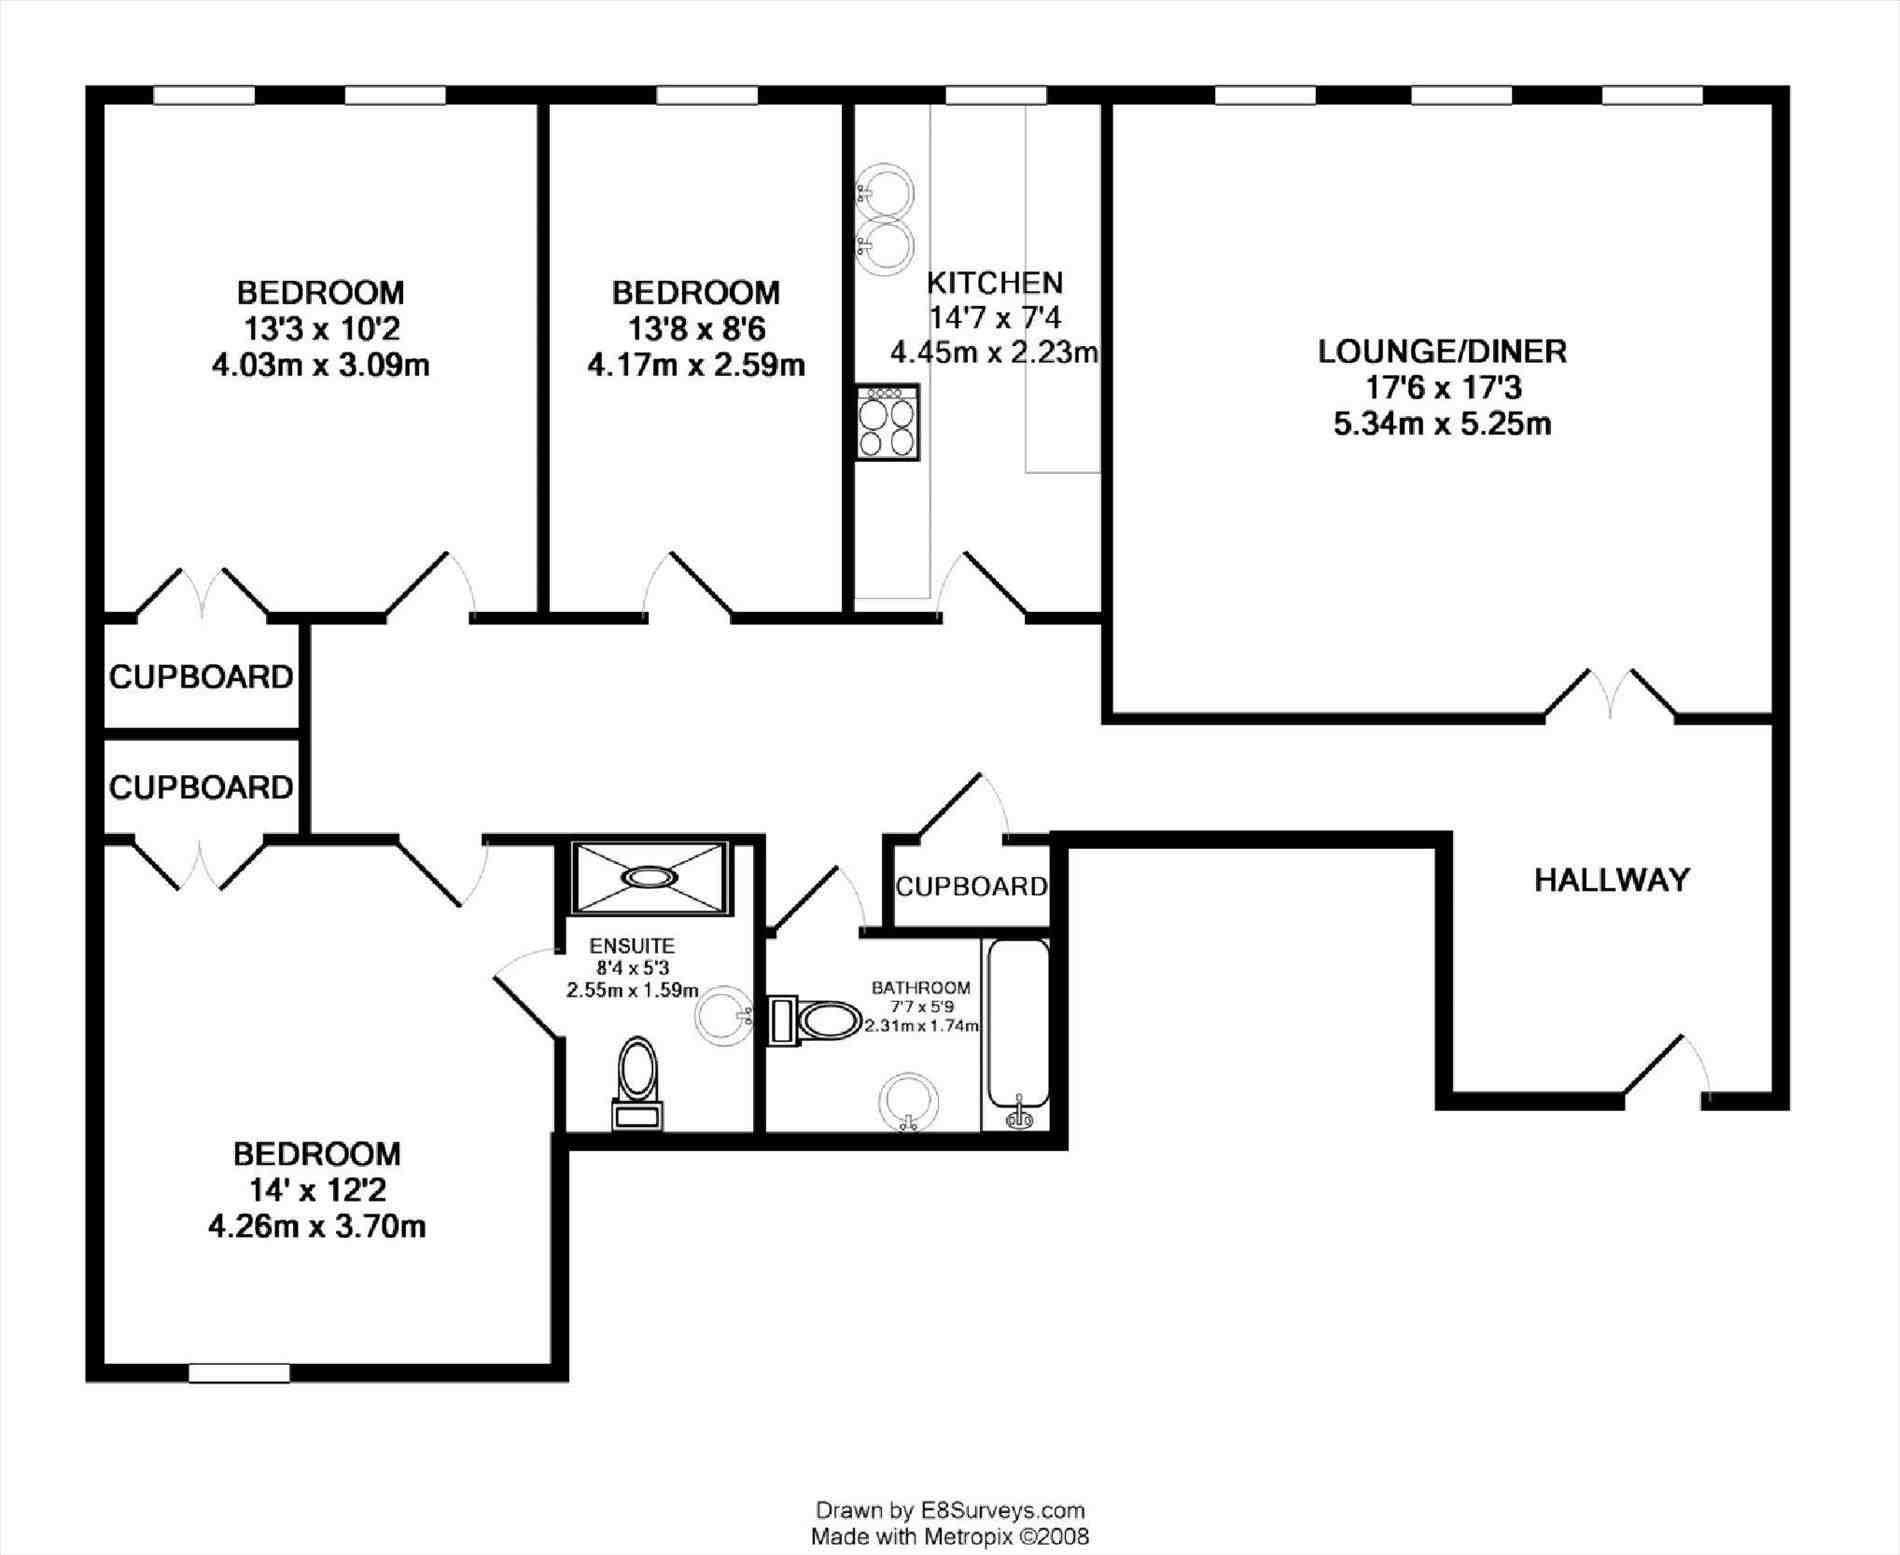 Apartment Plans 3 Bedroom Floor Plan